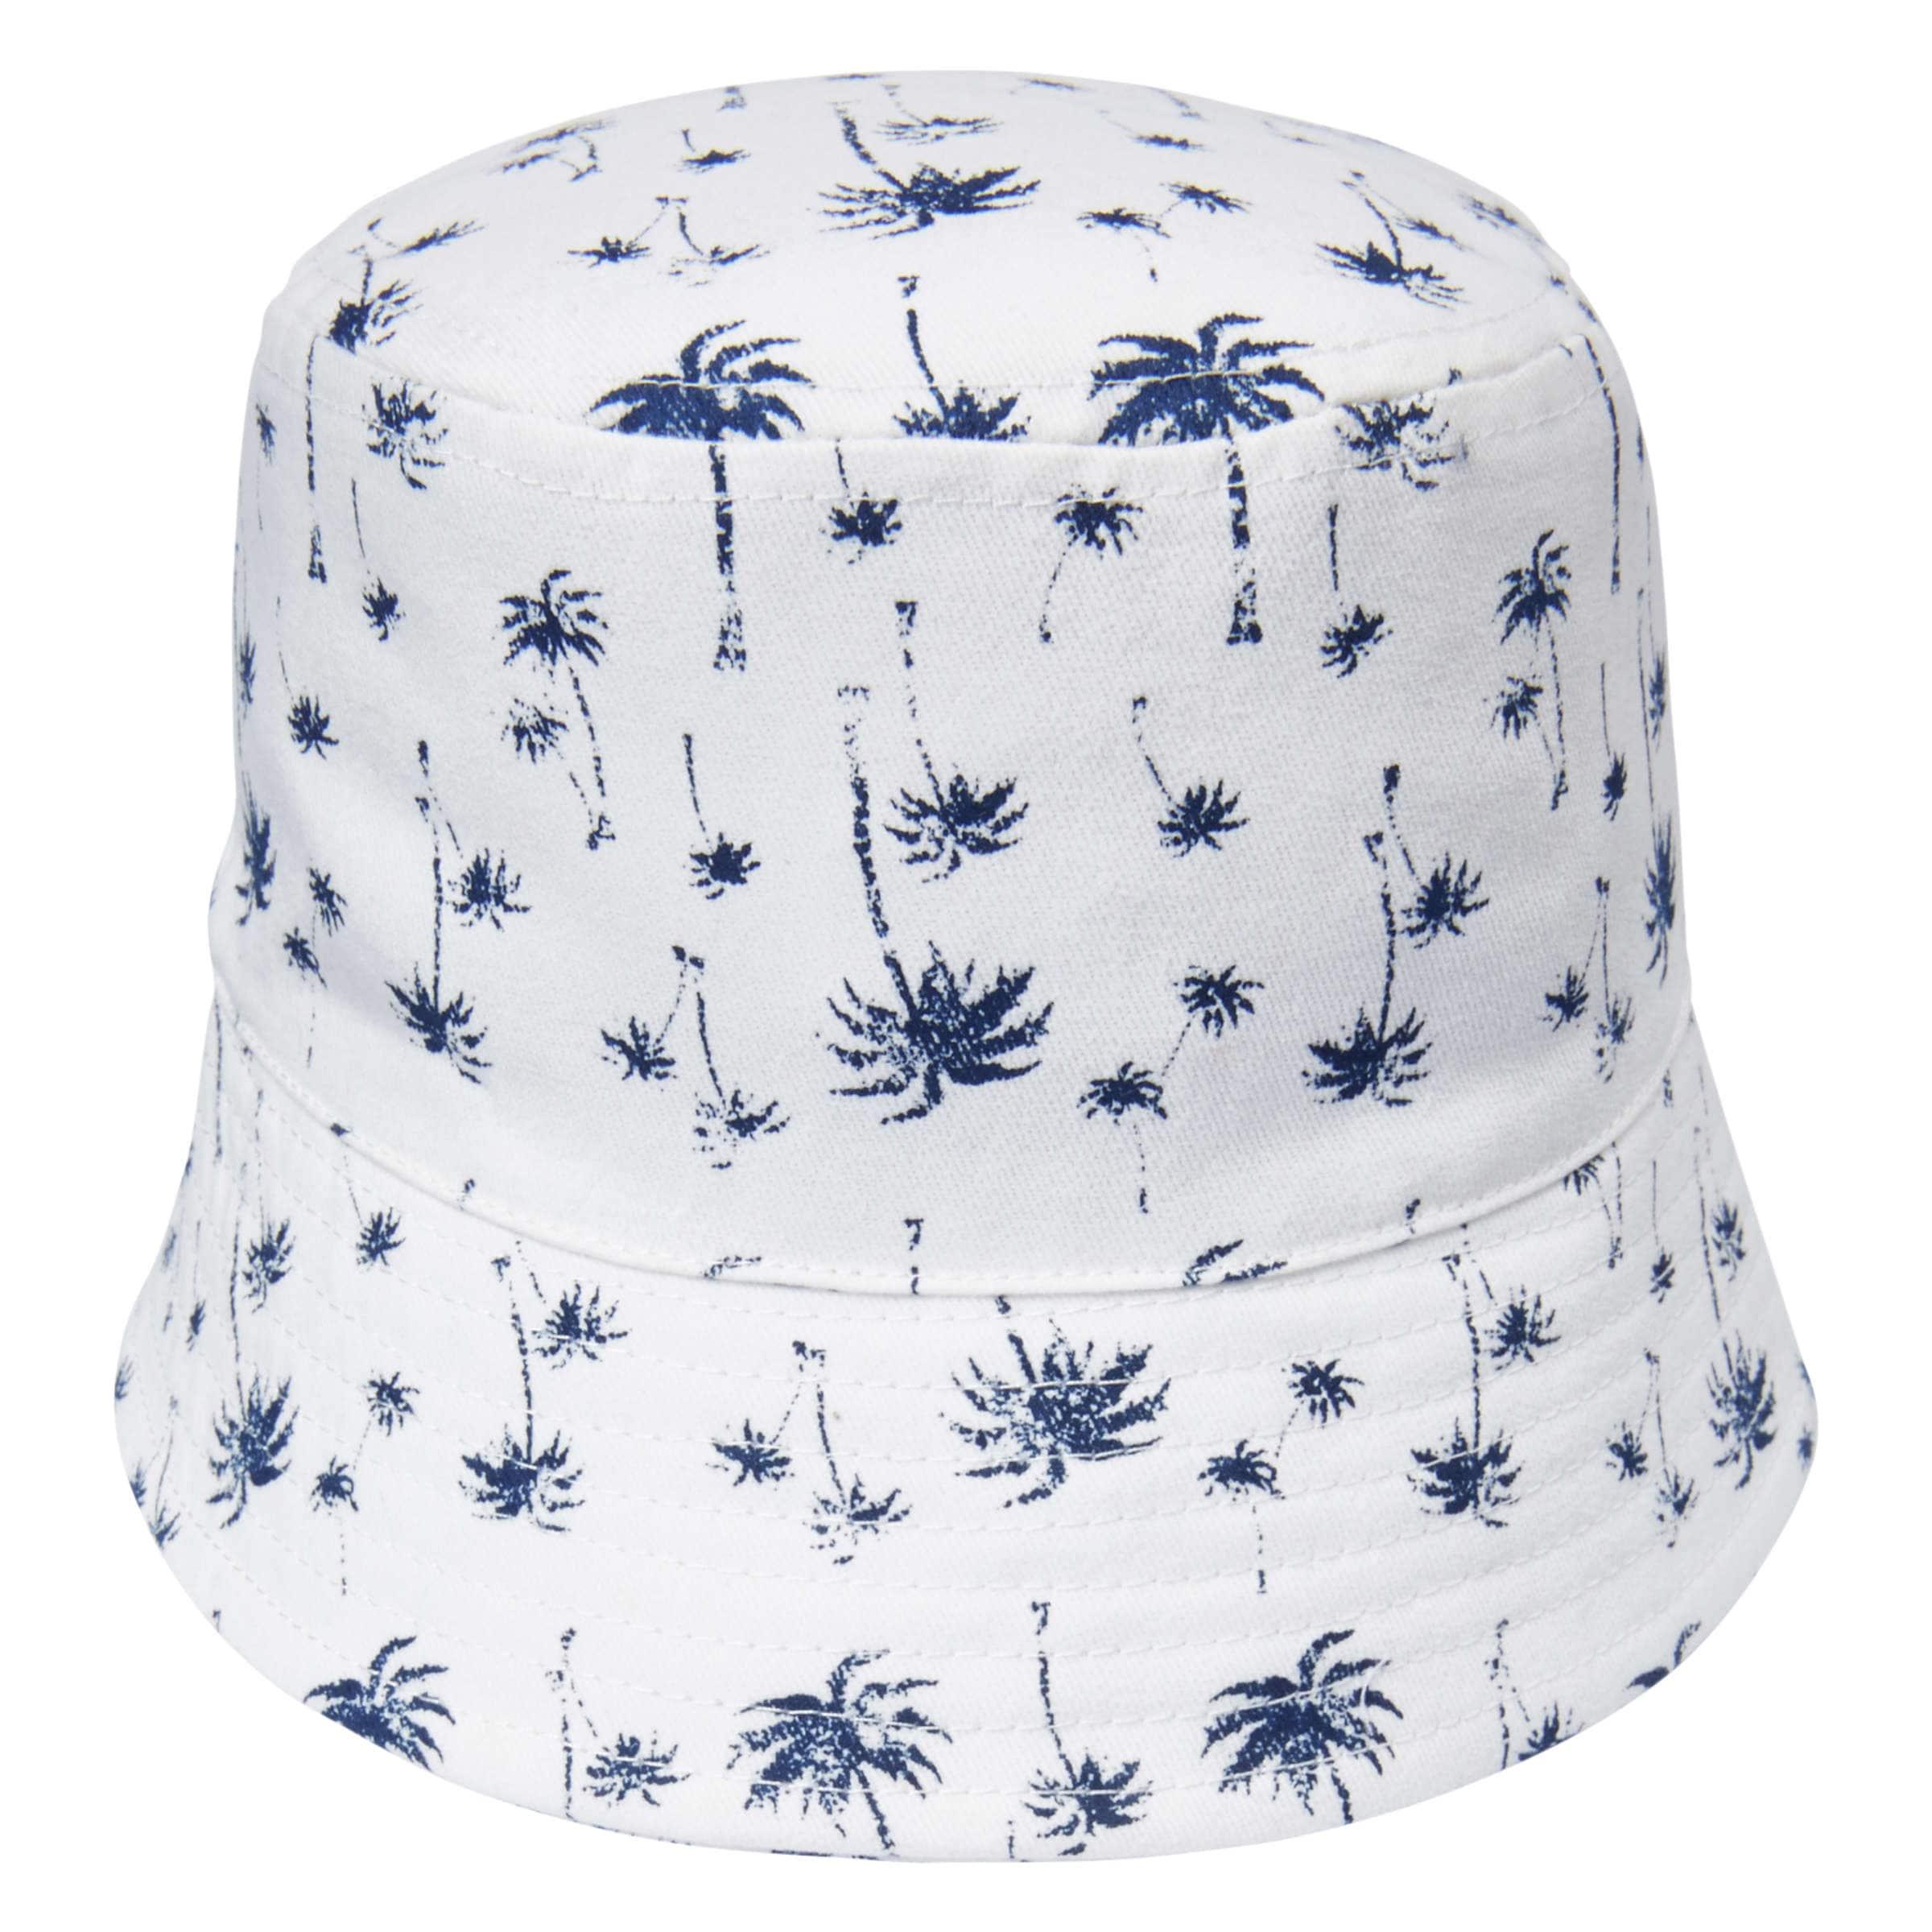 Baby Boys  Bucket Hat in White from Joe Fresh d1898d1cedf